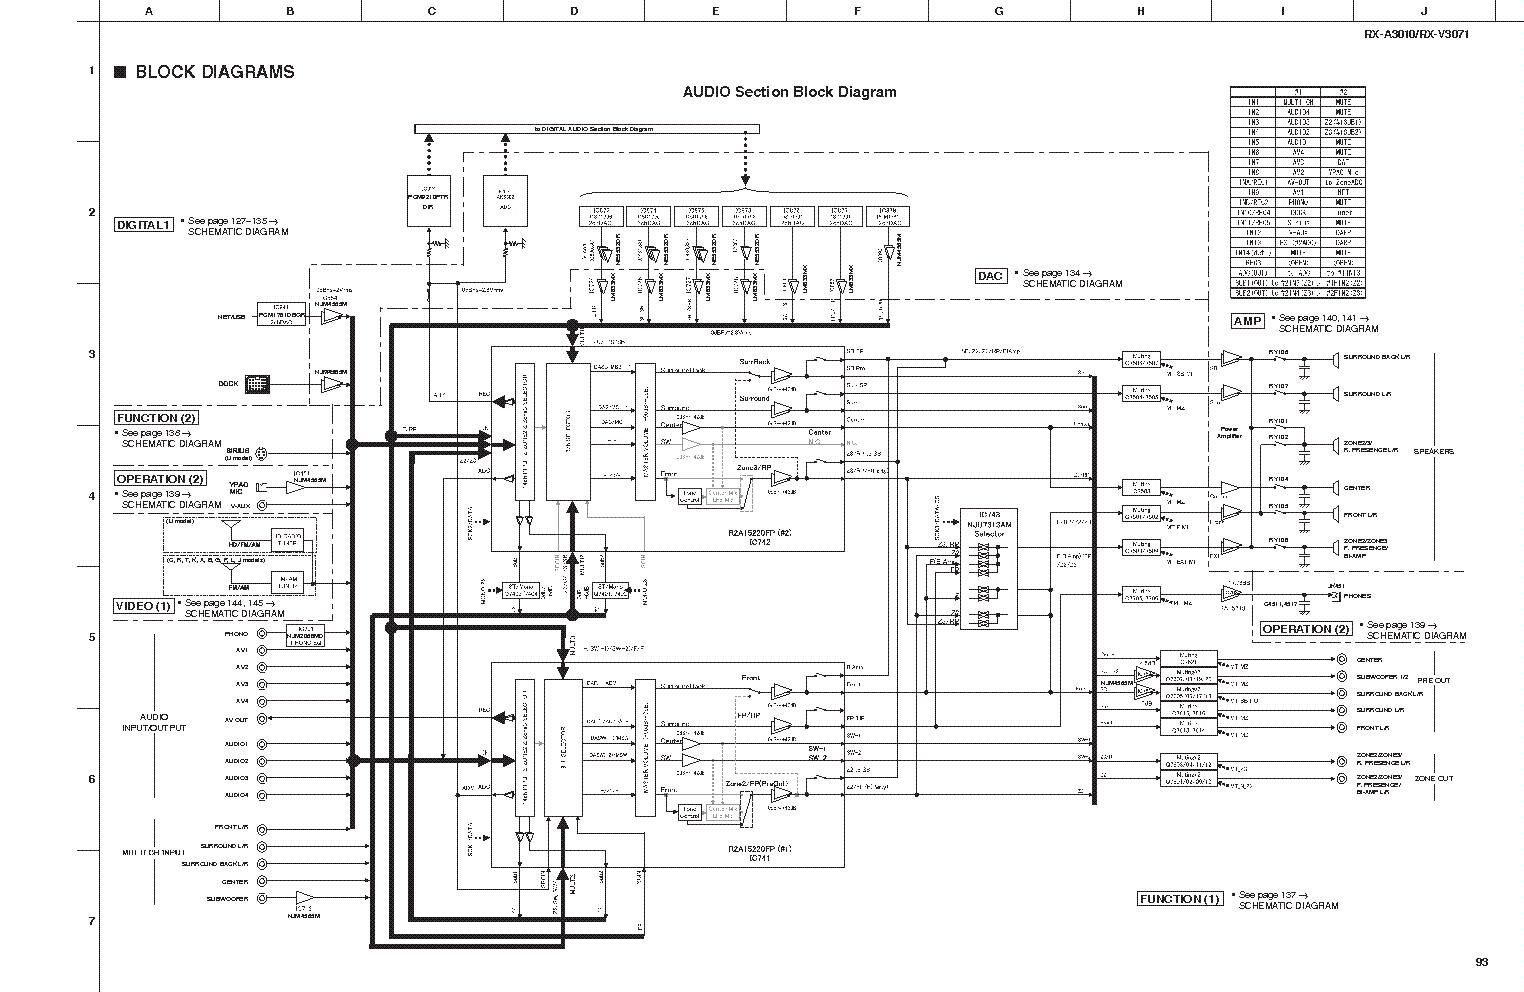 A30 10 A Diagram - Search For Wiring Diagrams • A Warthog Schematic Diagrams on f6f hellcat schematics, sr-71 blackbird schematics, c-17 globemaster schematics, f-22 raptor schematics, b-26 marauder schematics, f-86 sabre schematics, f-100 super sabre schematics, v-22 osprey schematics, p-51 mustang schematics, f-4 phantom schematics, b-24 liberator schematics, f-16 schematics, b-17 schematics, kc-135 schematics, a-7 corsair ii schematics, f4u corsair schematics, a-10 weapons, a-10 diagram, a-10 drawings, a-10 gatling gun,